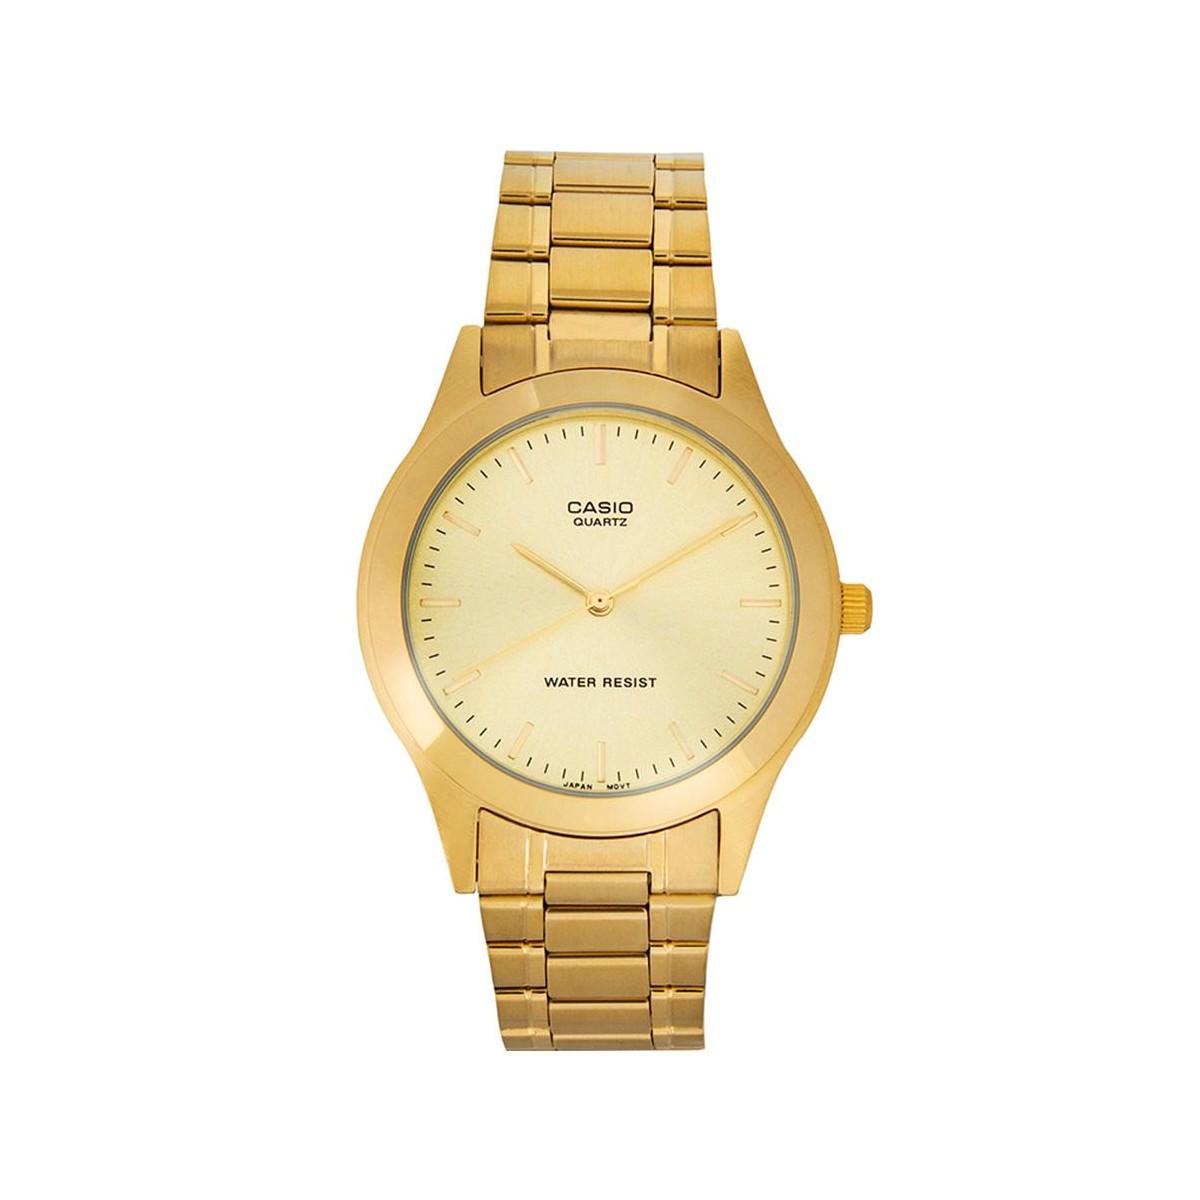 https://www.gaberjoyeria.com/5739-thickbox_default/reloj-casio.jpg